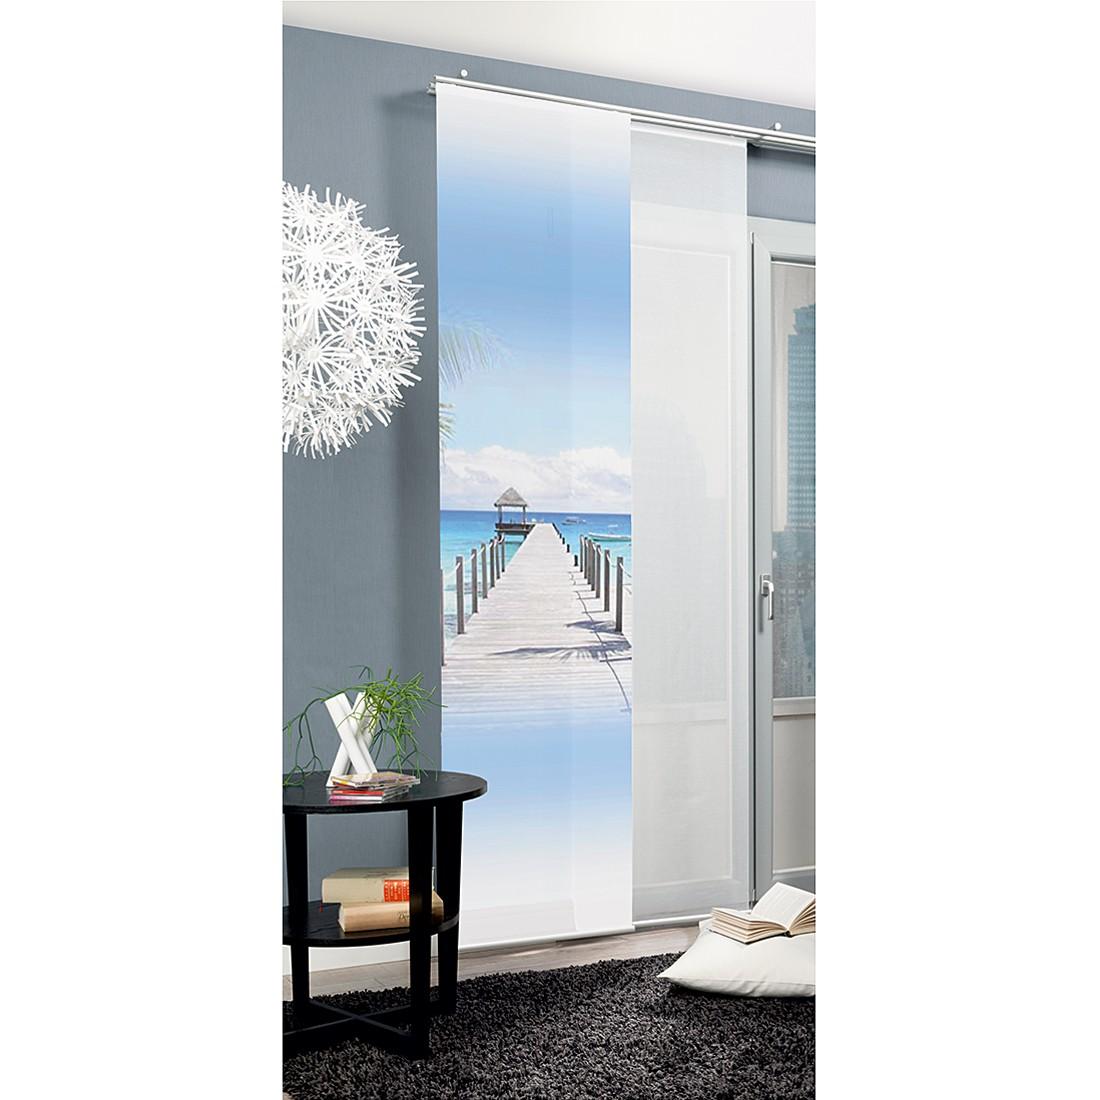 home wohnideen panneau uni a pattes sarnia prix et offres grandes tailles la chemise. Black Bedroom Furniture Sets. Home Design Ideas